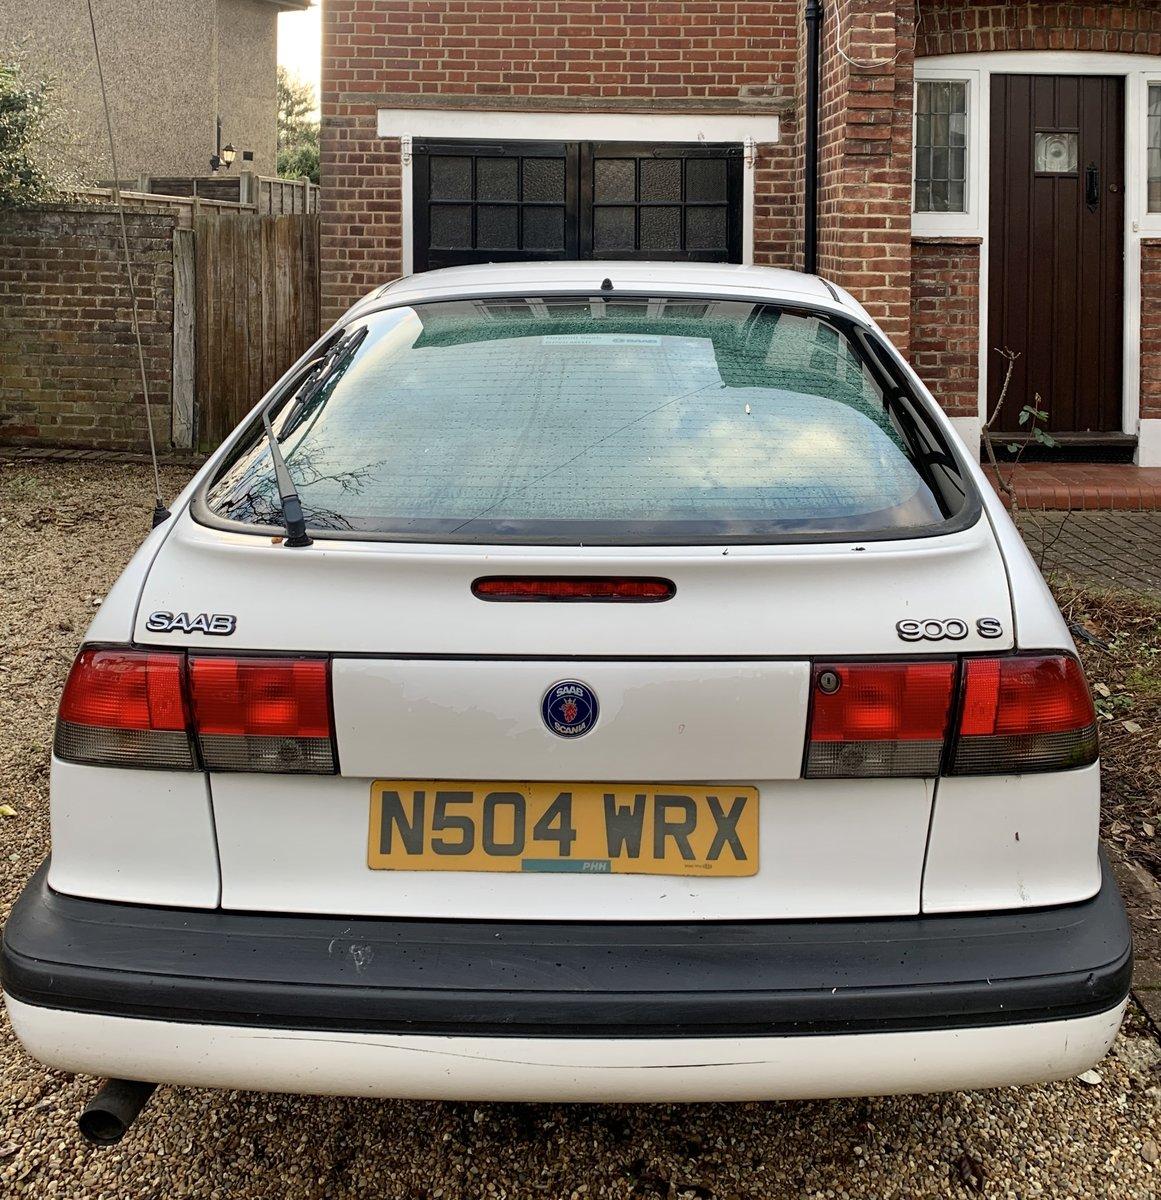 1996 Saab 900S 3 Door Hatchback For Sale (picture 4 of 6)